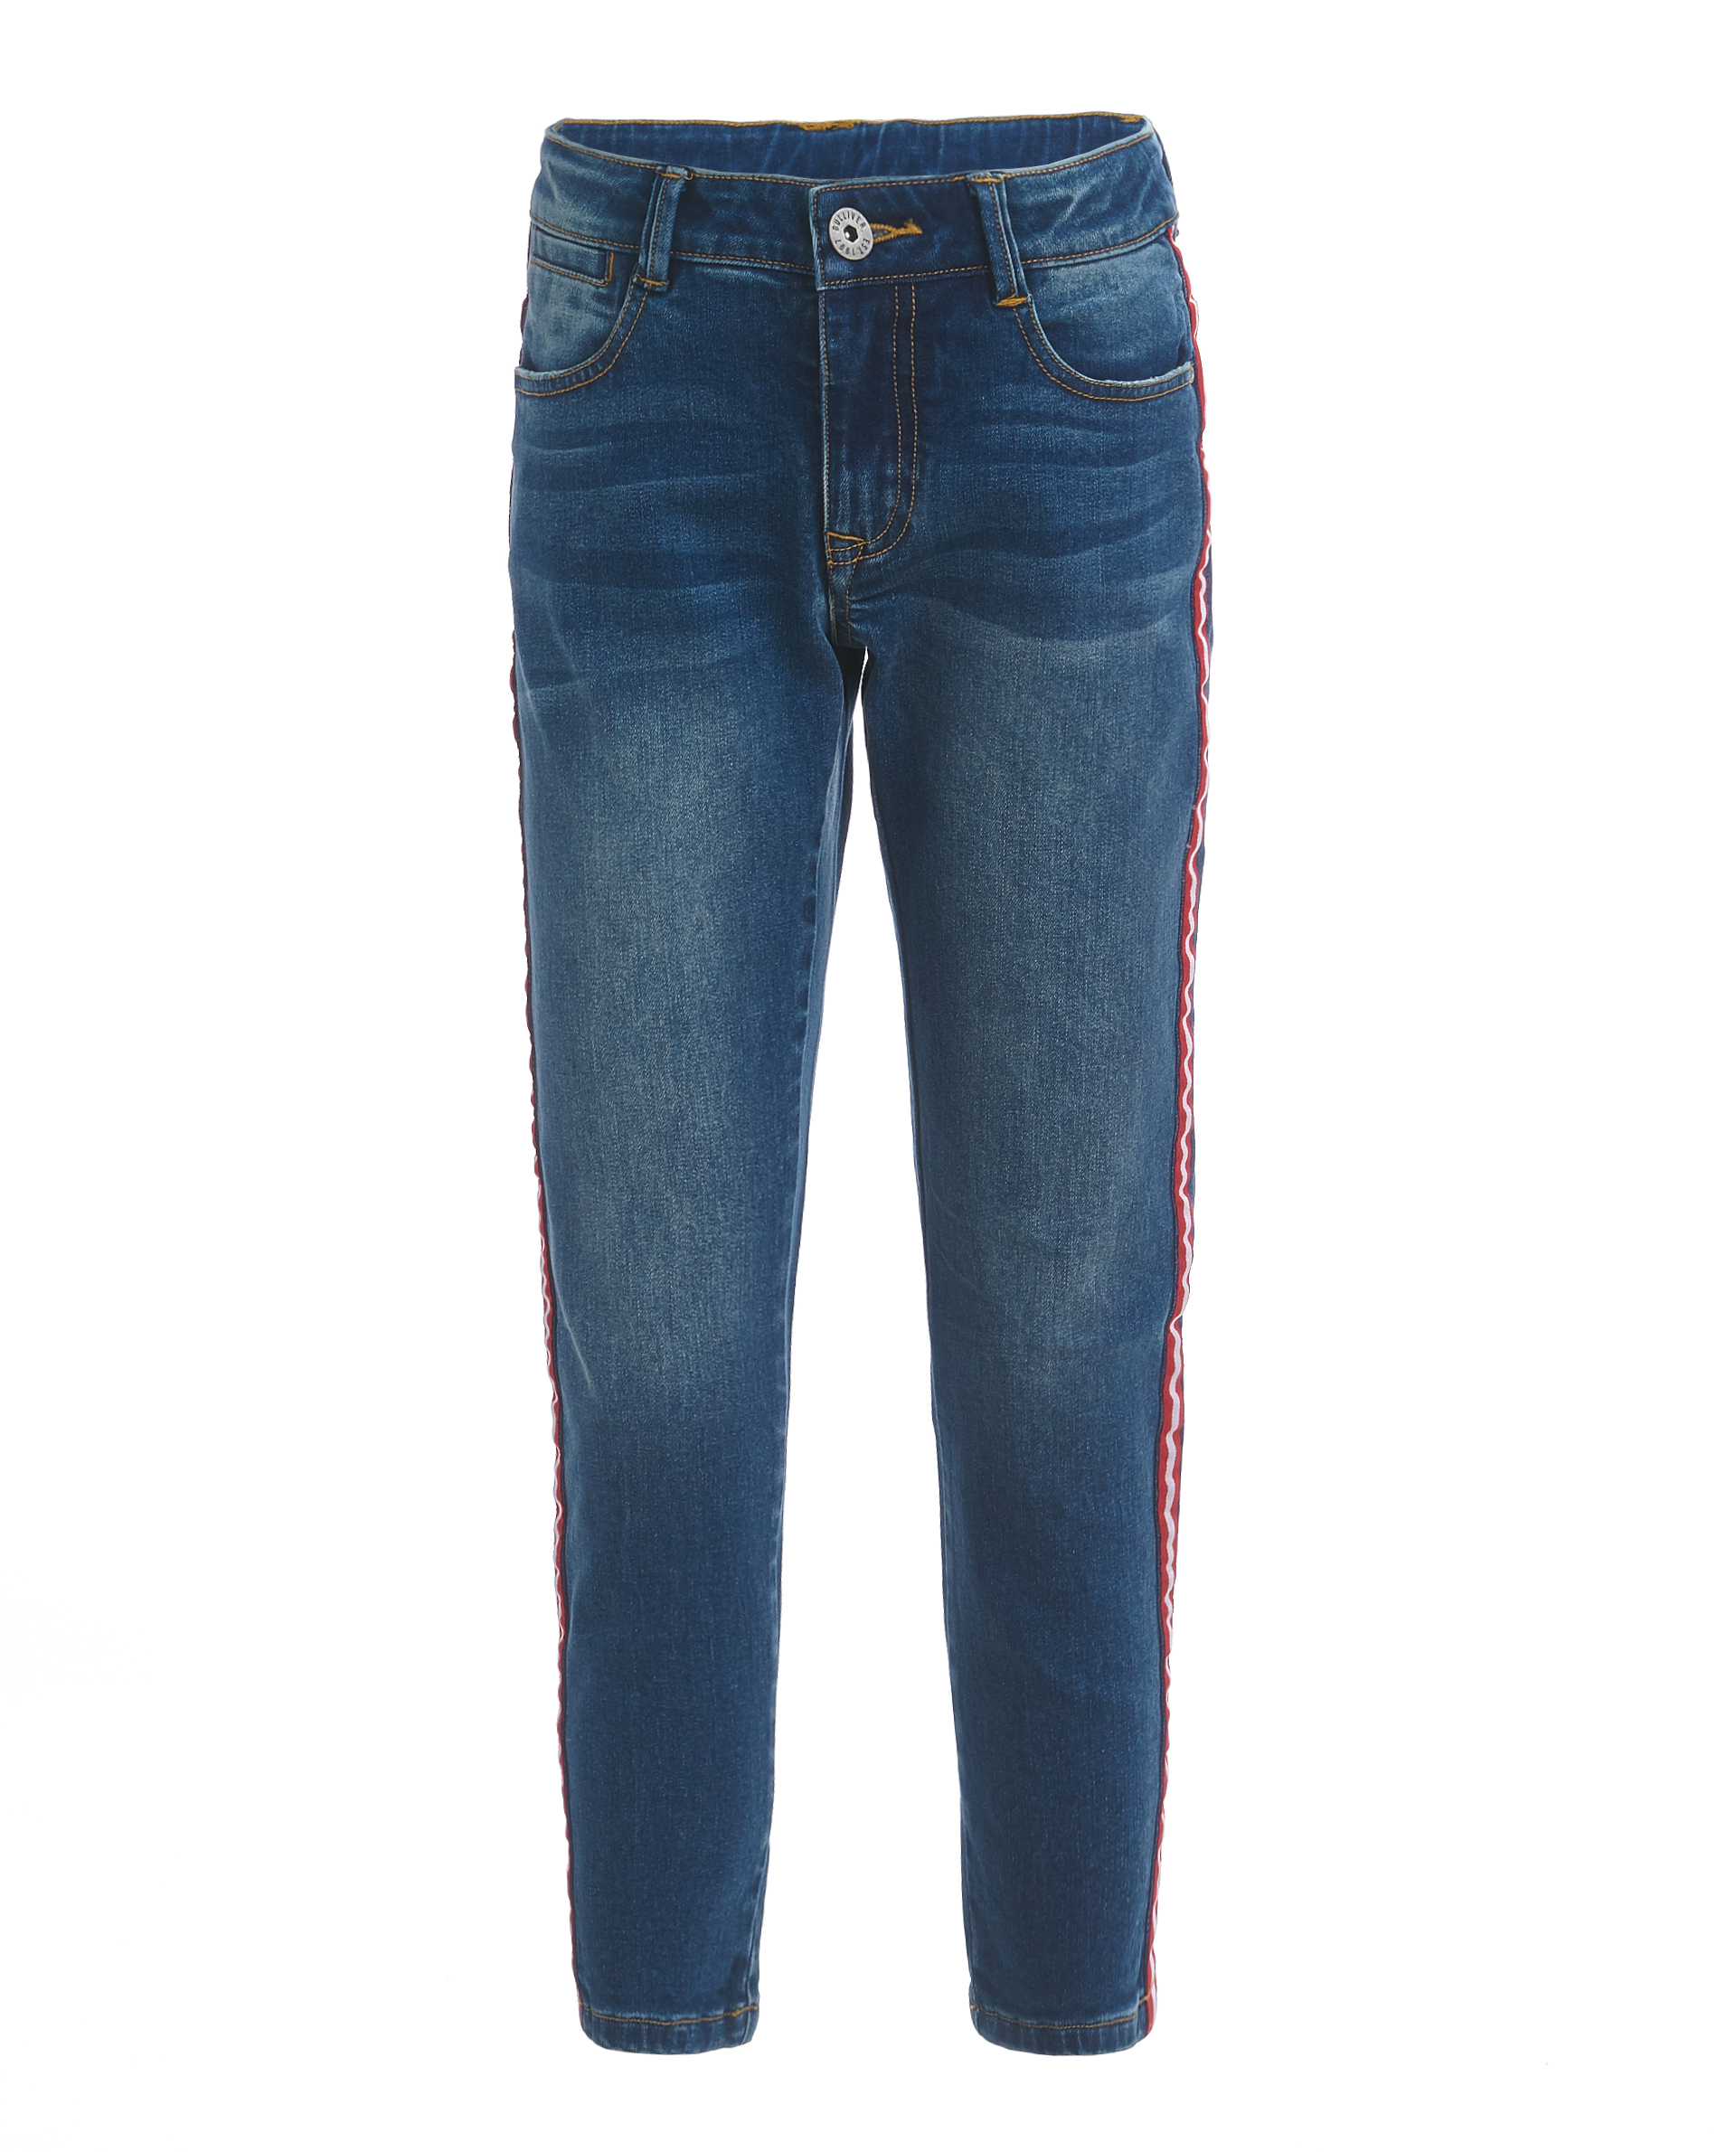 Купить 11912BJC6308, Голубые джинсы с лампасами Gulliver, голубой, 158, Мужской, ВЕСНА/ЛЕТО 2019 (shop: GulliverMarket Gulliver Market)